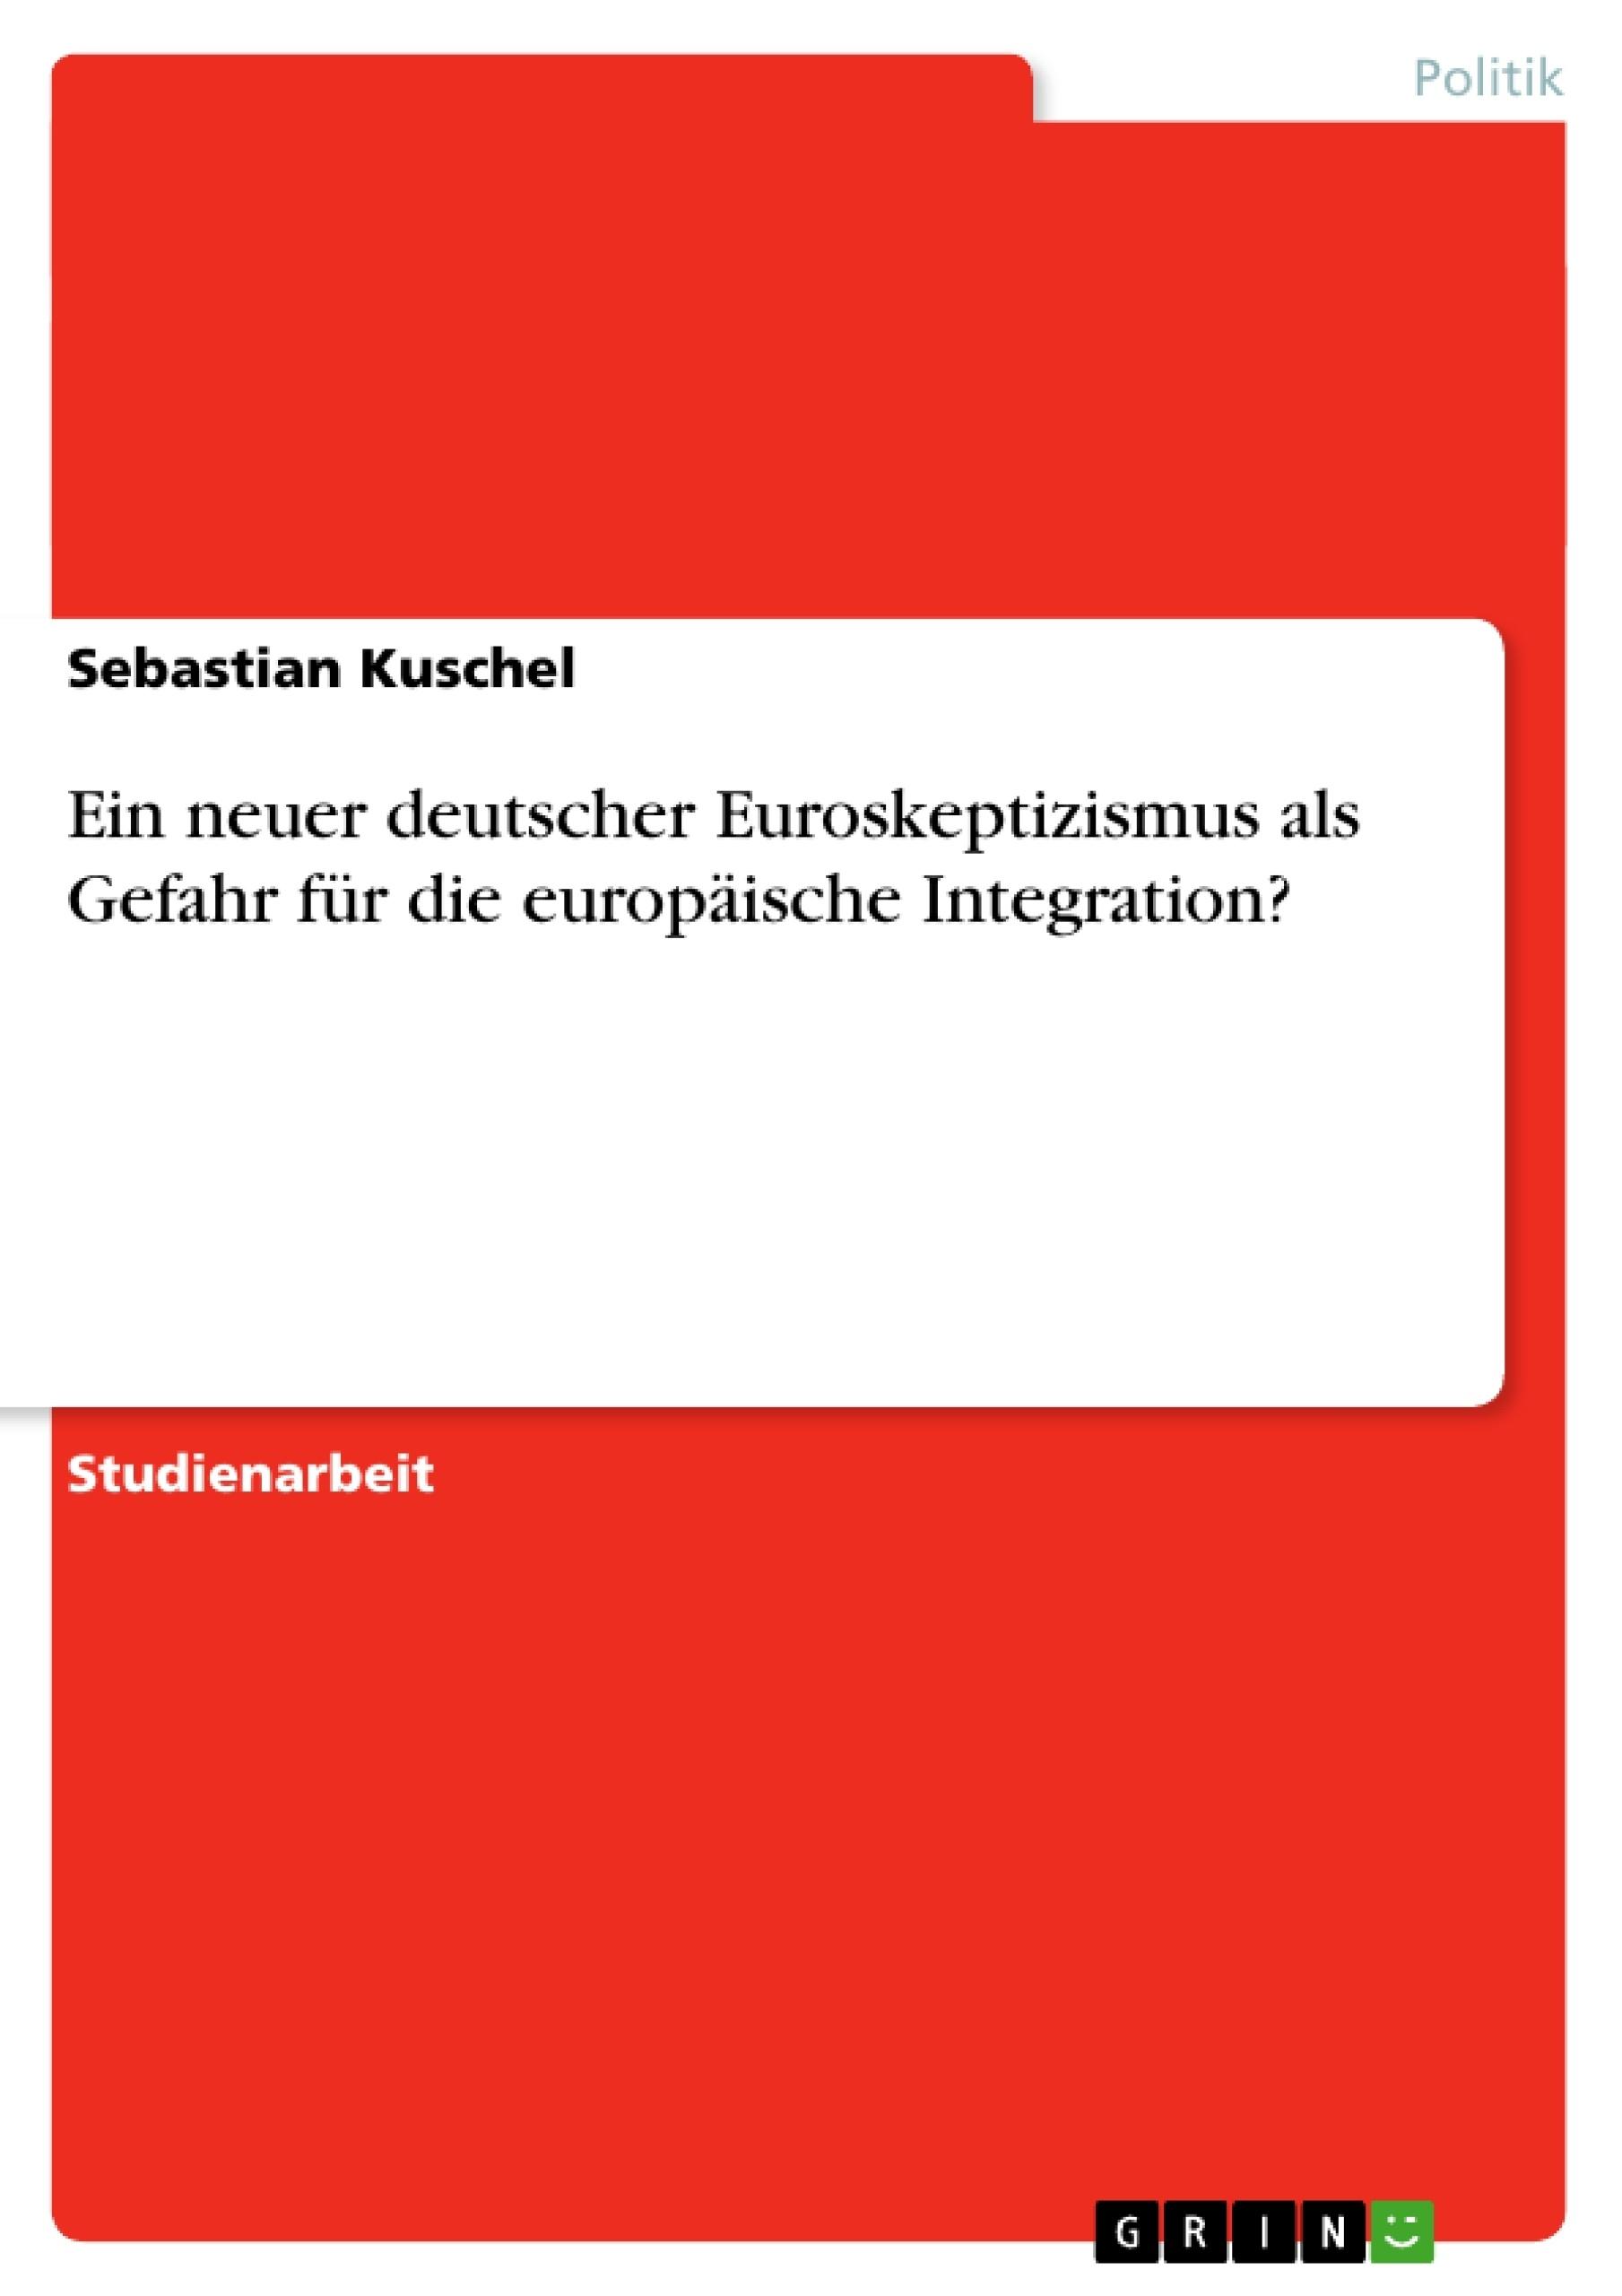 Titel: Ein neuer deutscher Euroskeptizismus als Gefahr für die europäische Integration?